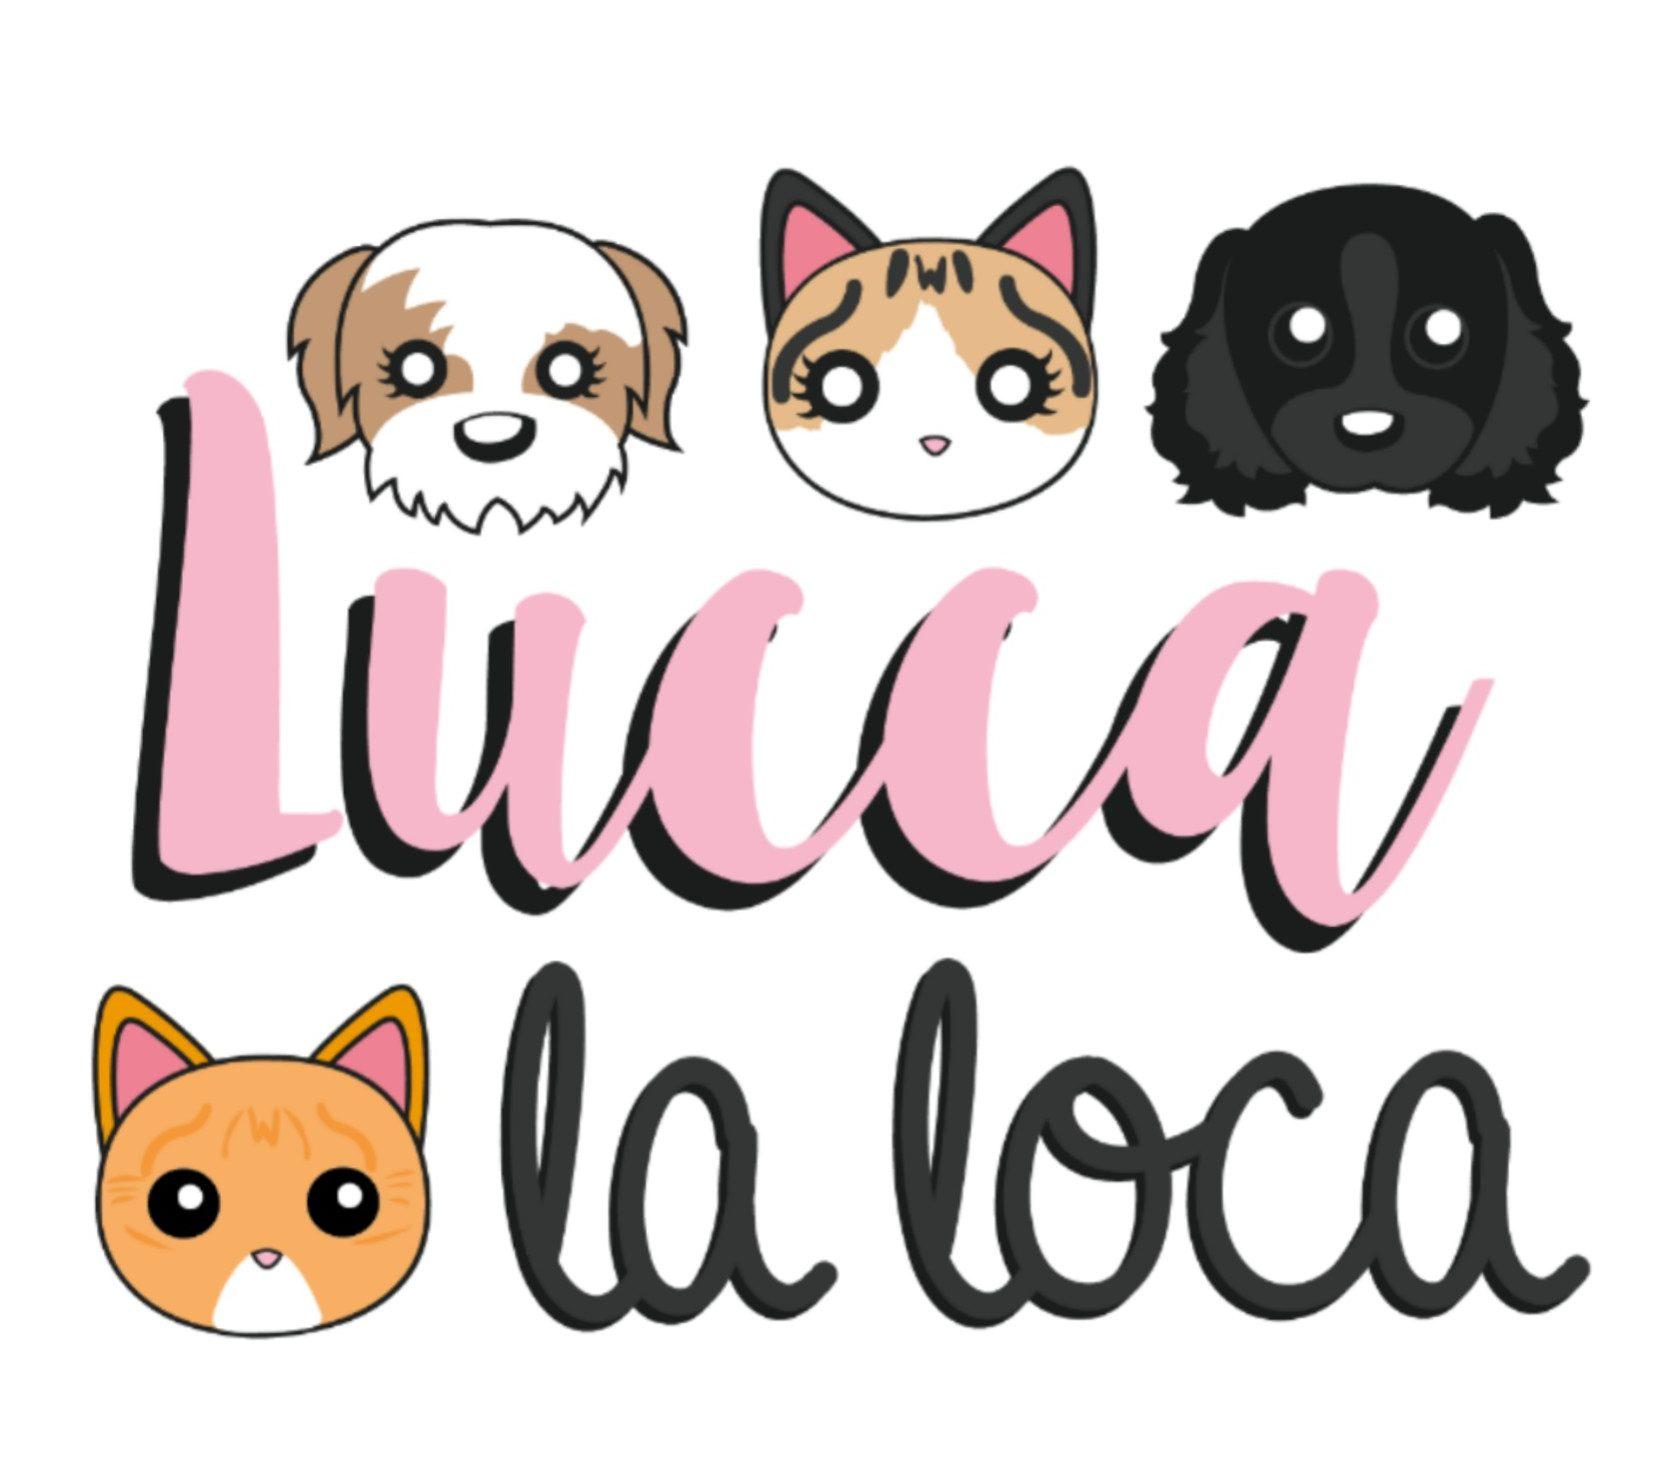 Las aventuras de Lucca la loca – Blog sobre perros y gatos